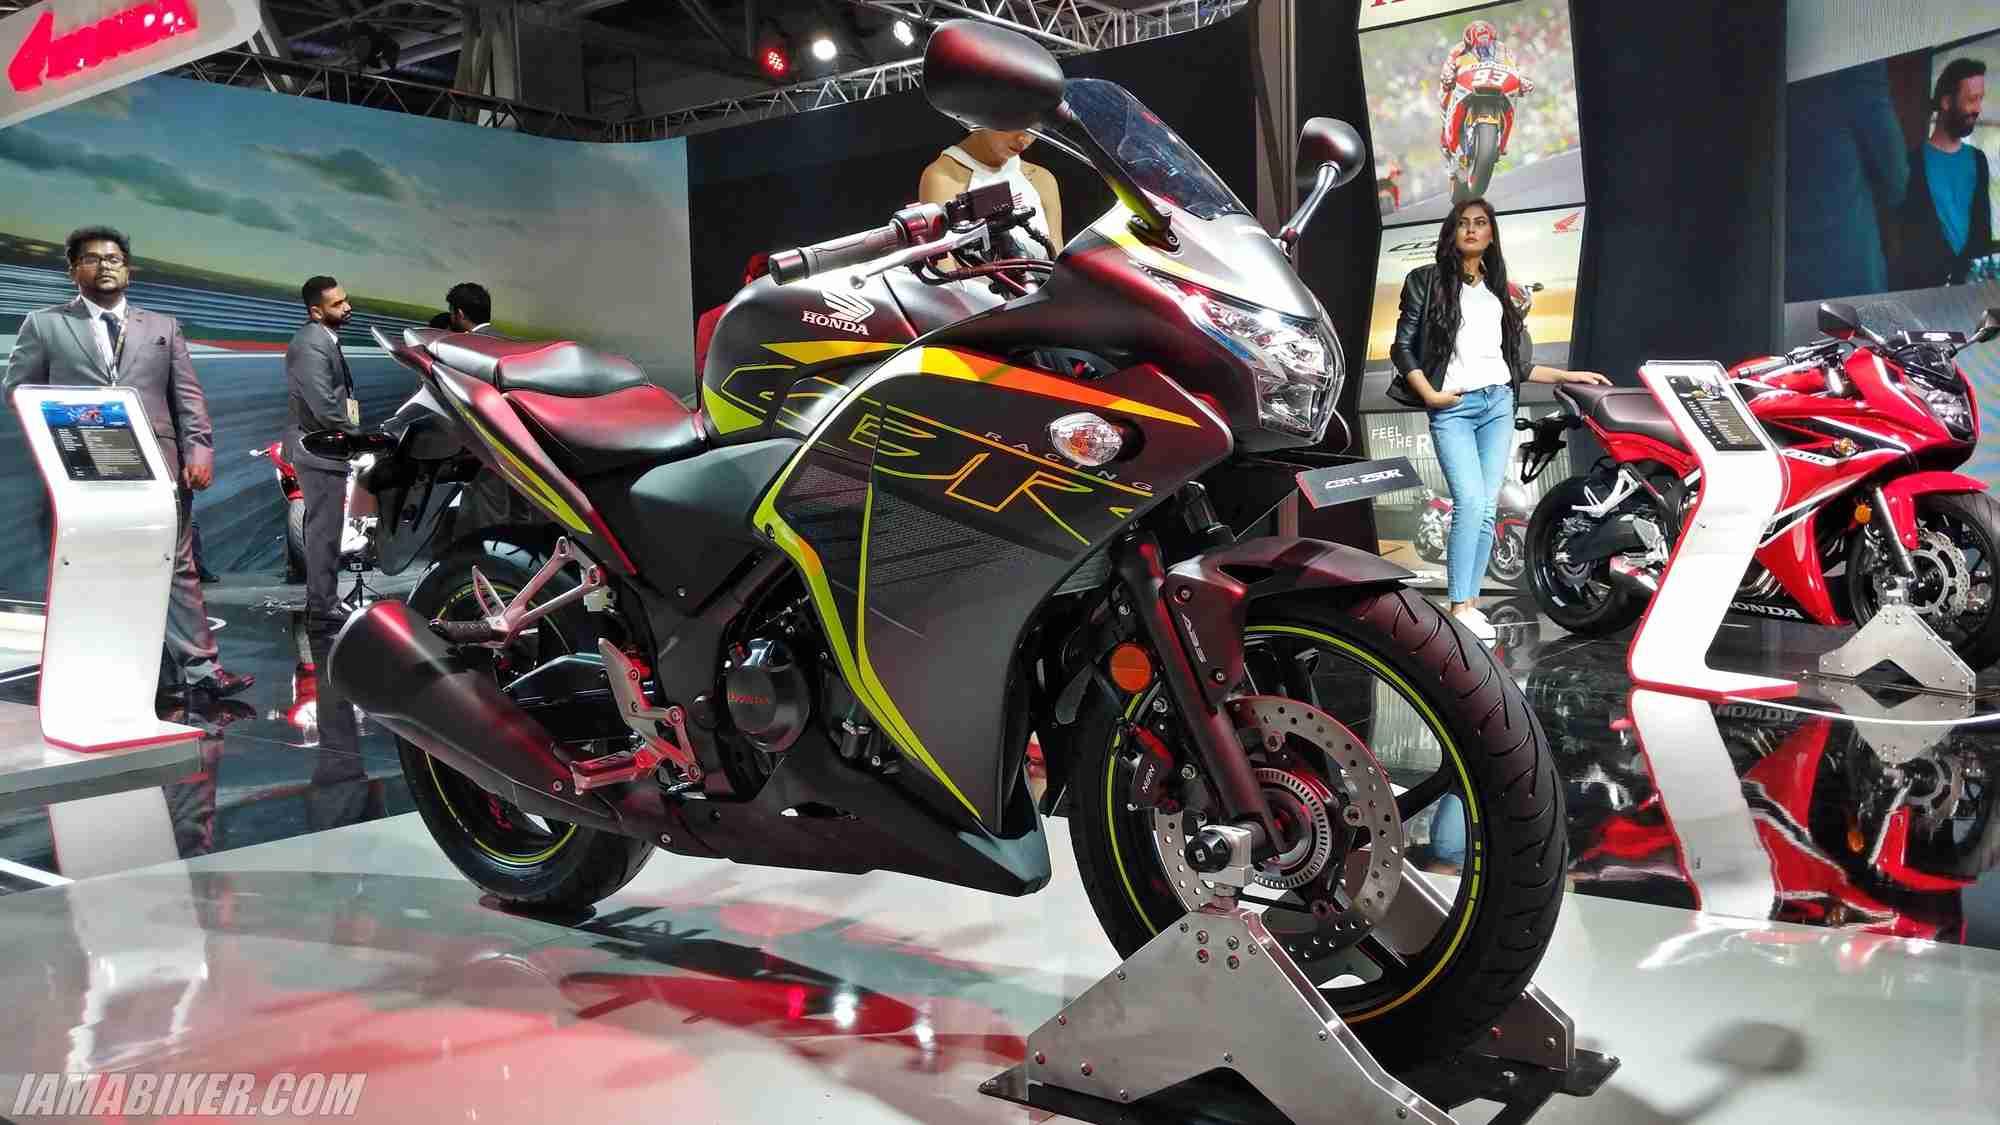 2018 Honda CBR 250R for India